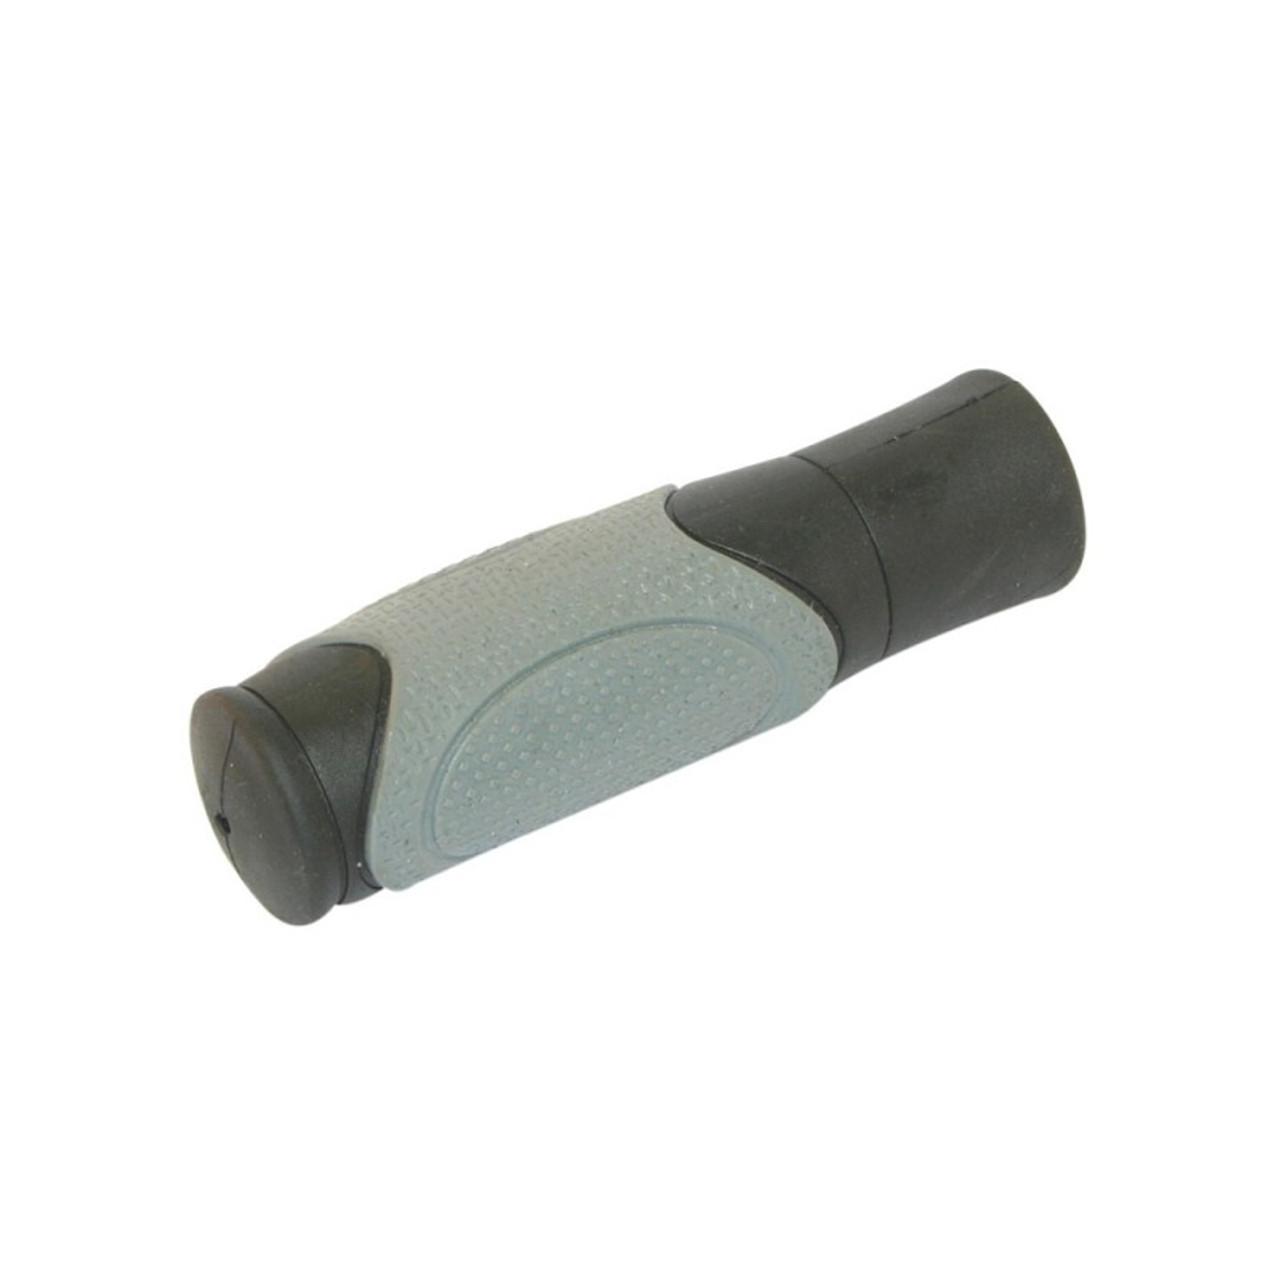 ETC Comfort Dual Density Grips